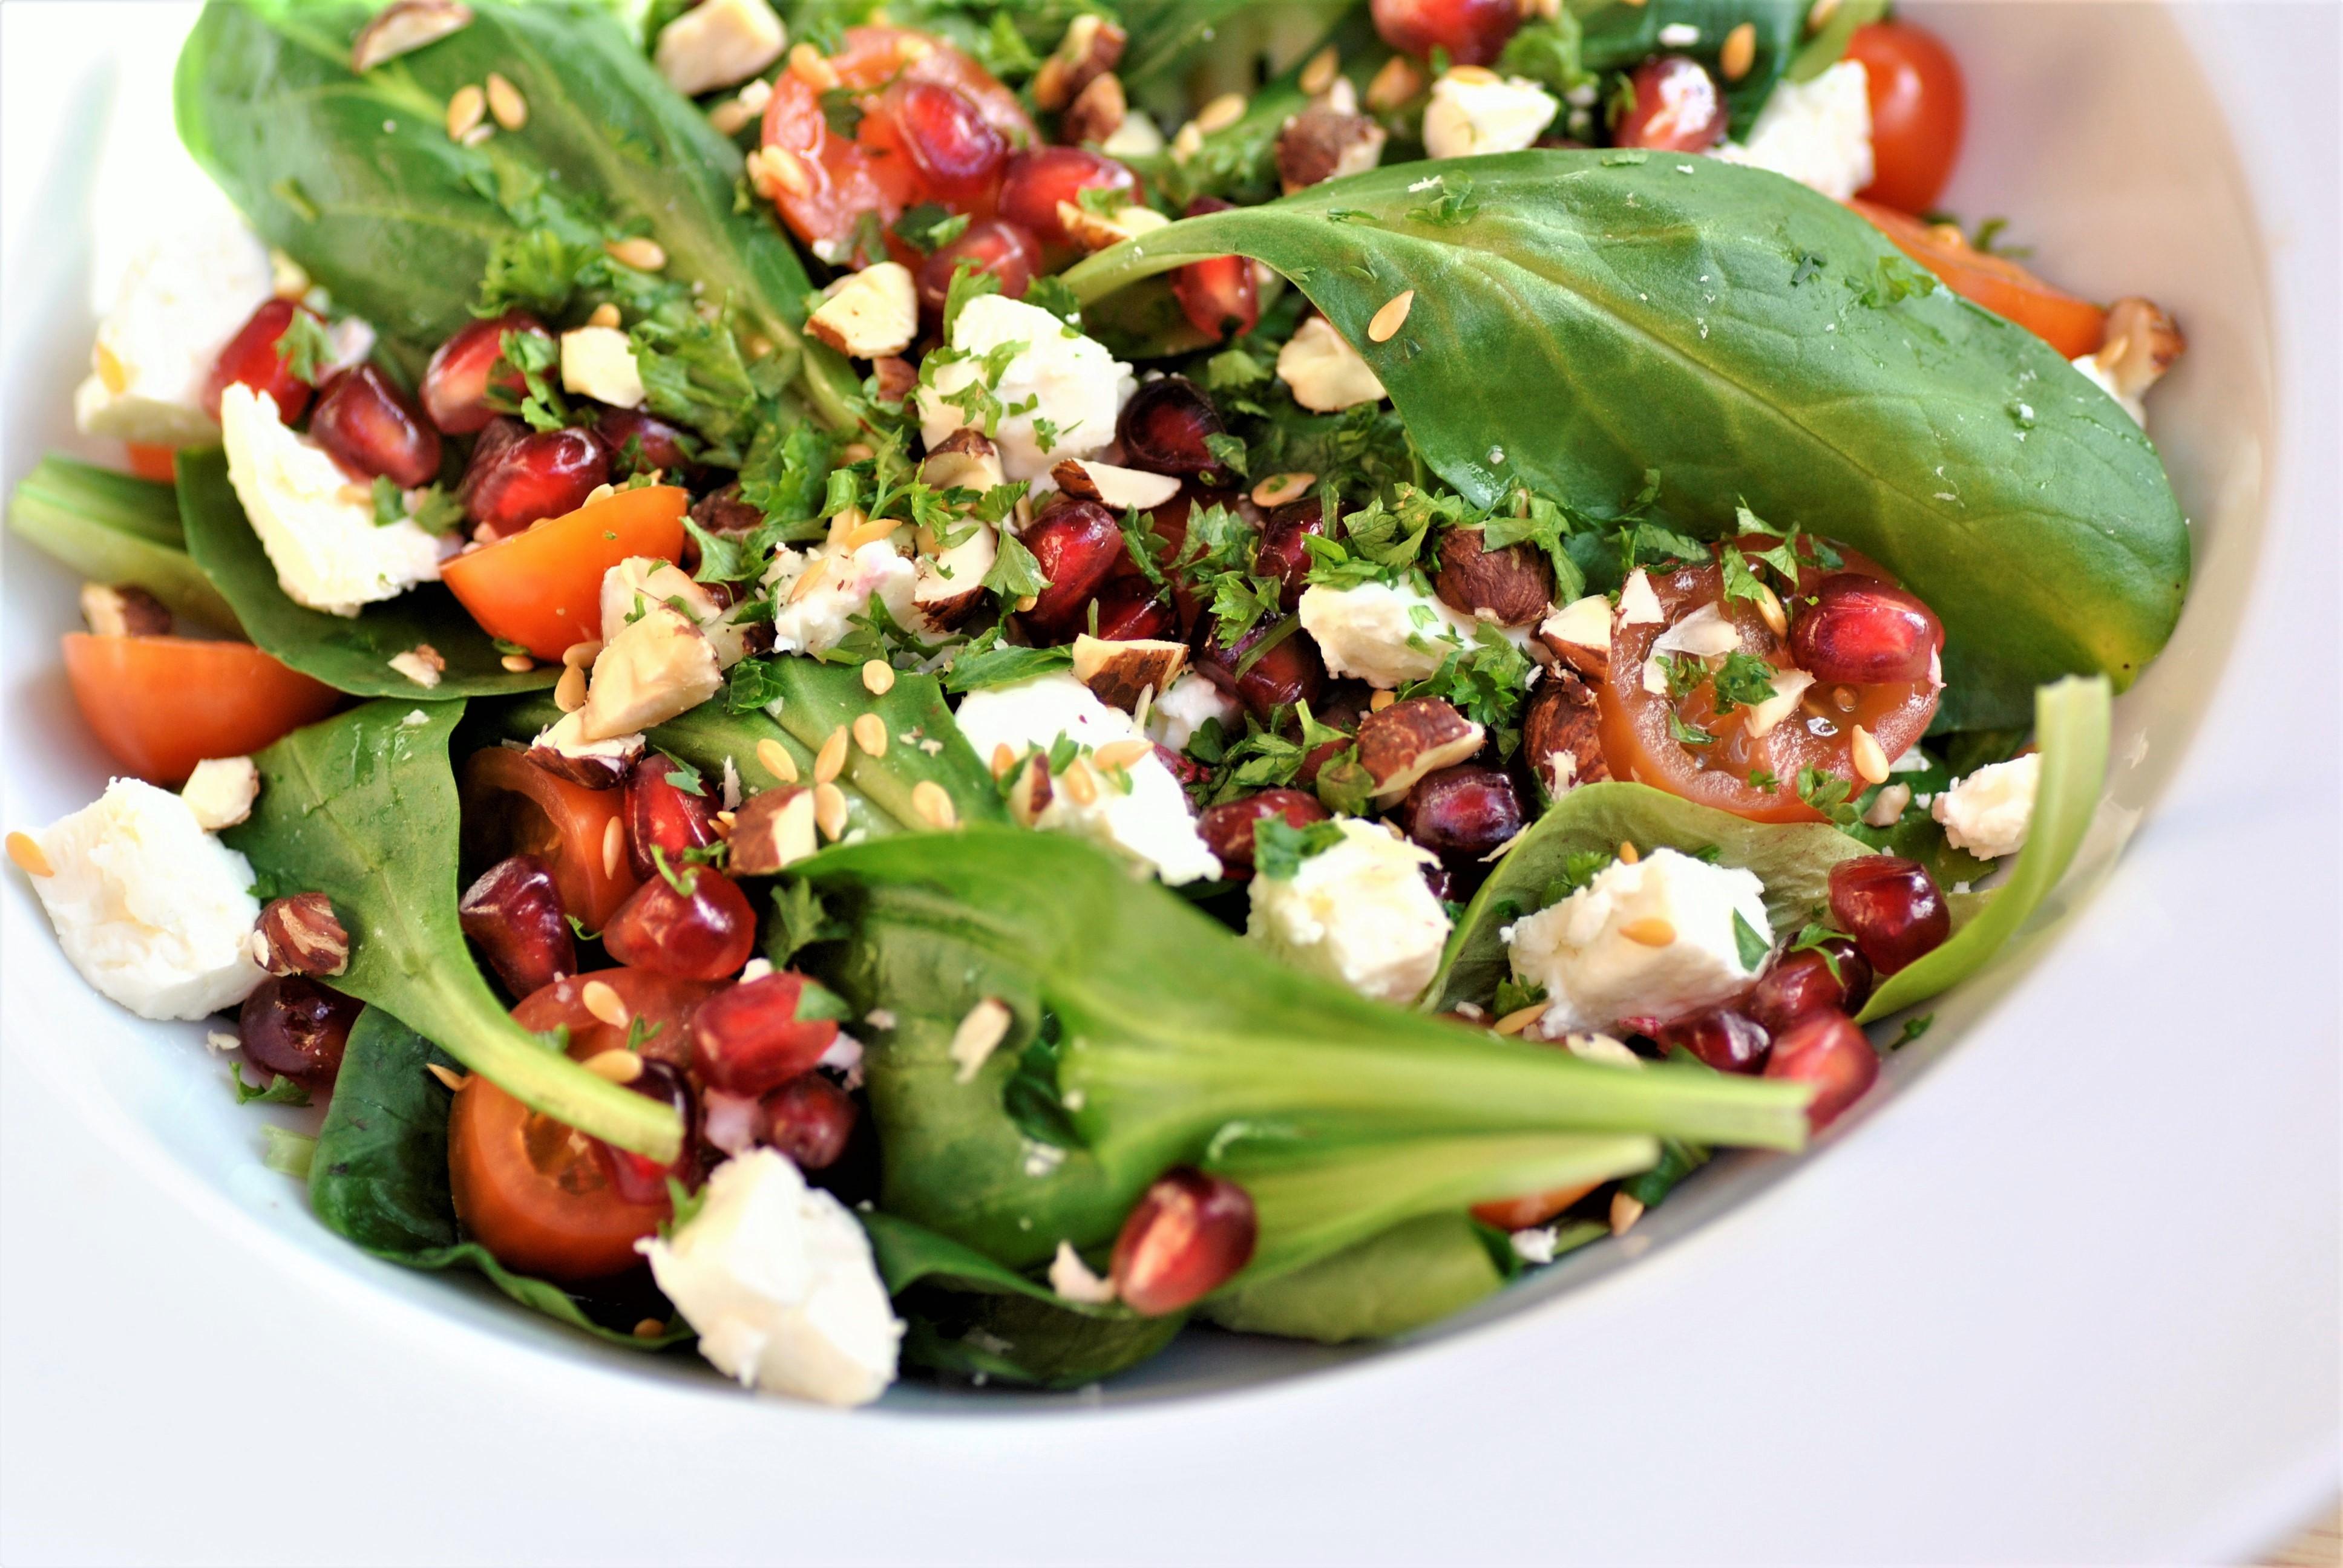 Salade healthy grenade mache